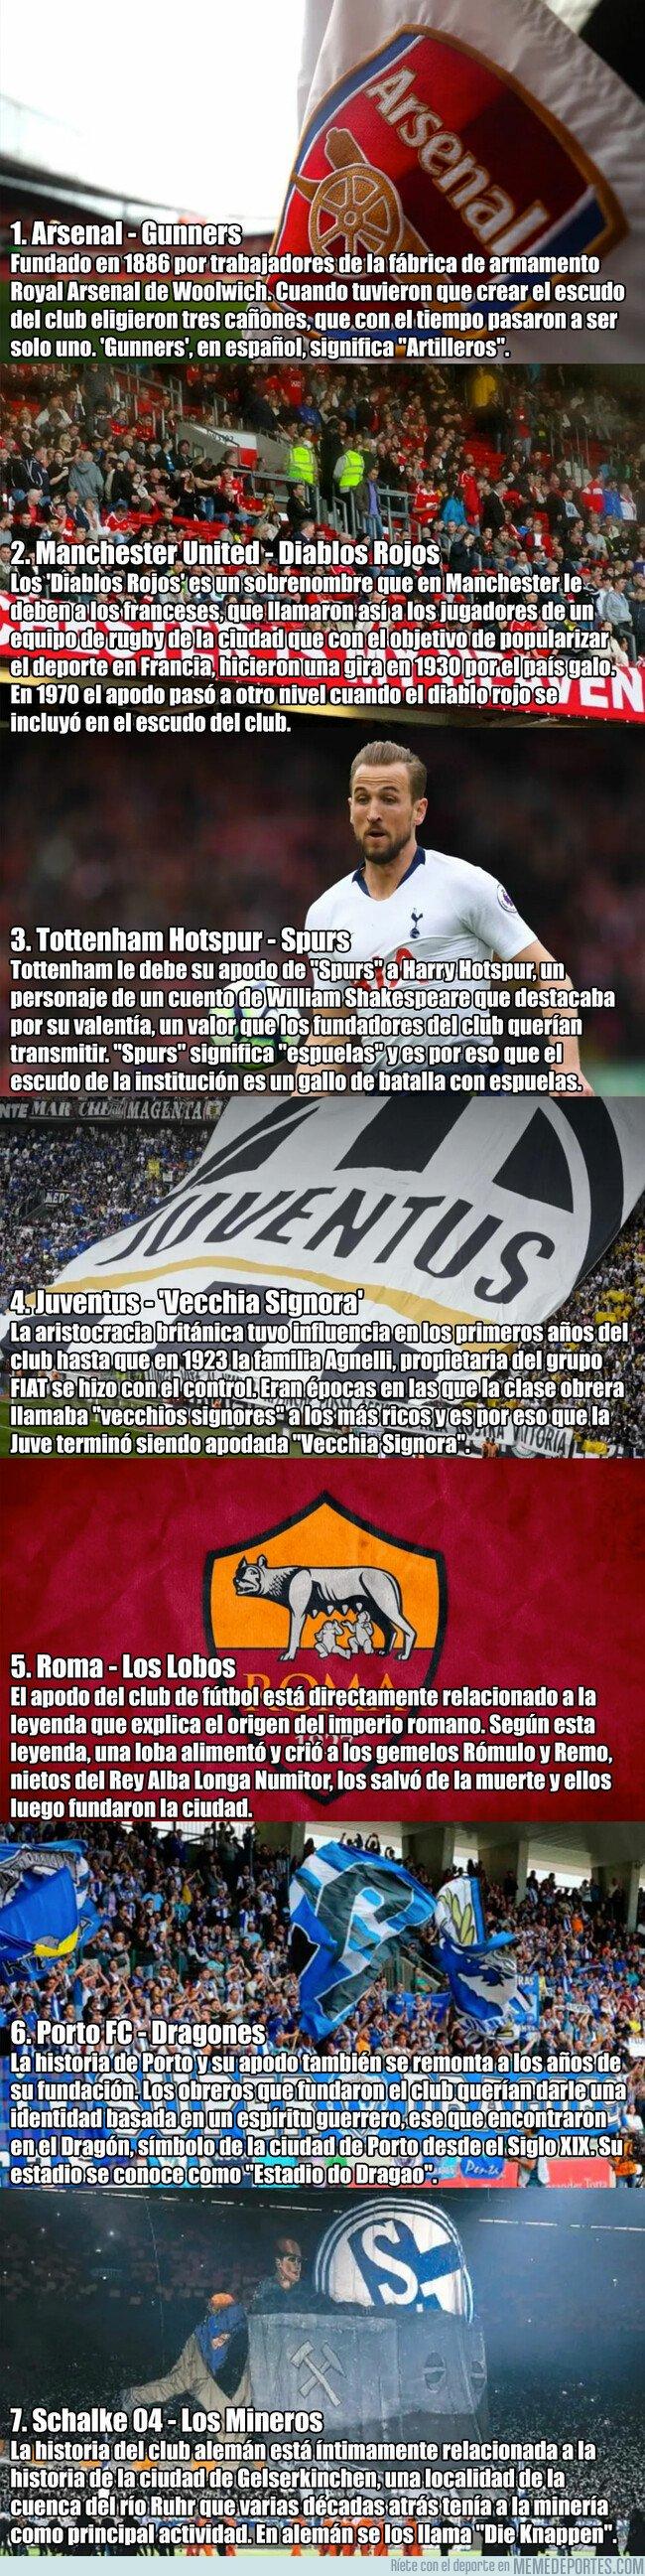 1070723 - El origen de los apodos de los grandes equipos del fútbol europeo